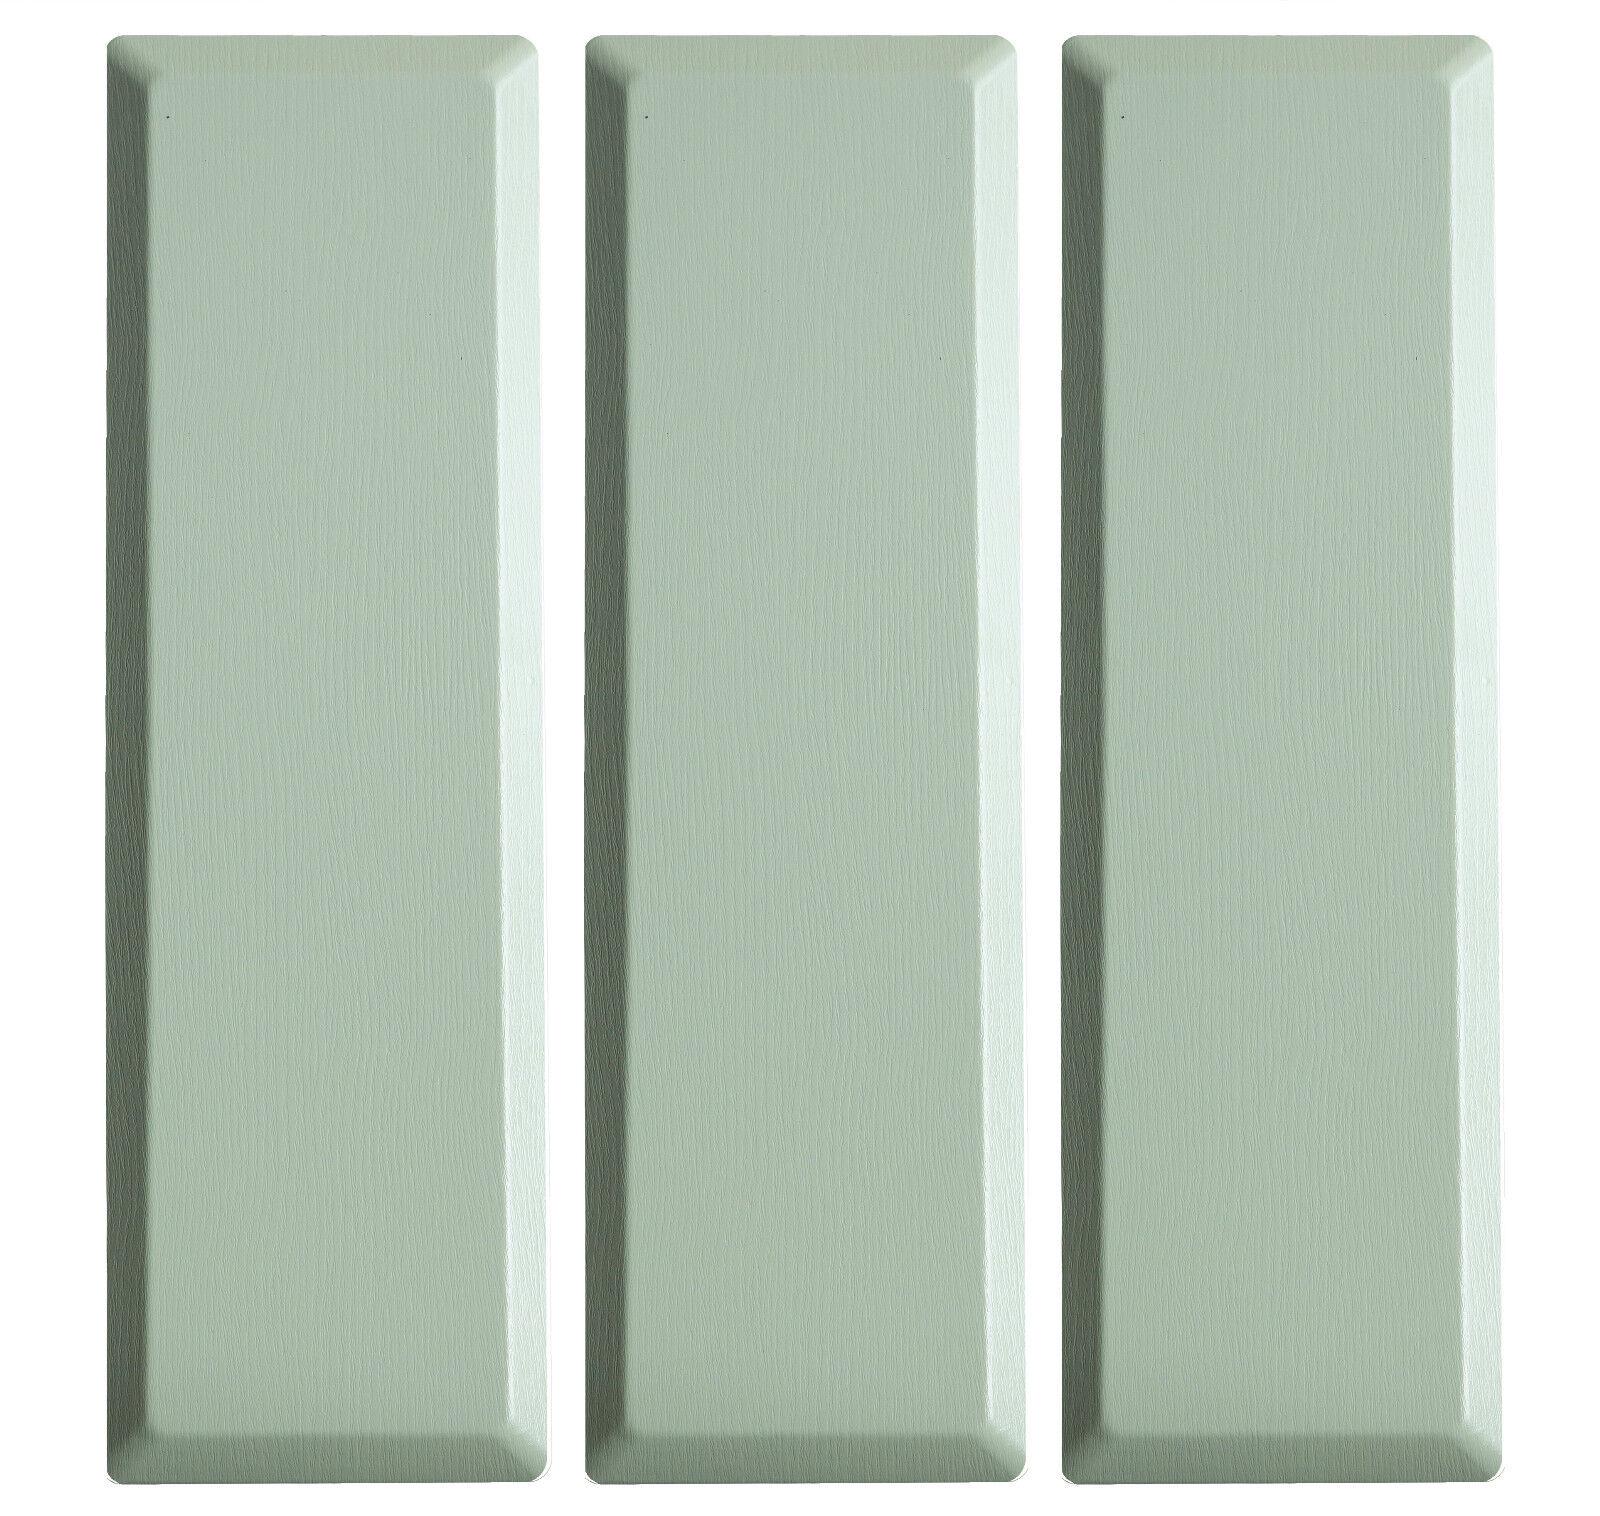 62x WERZALIT Zaunprofile Terrassenumrandung Balkonprofile Smaragd grün Zaun Holz